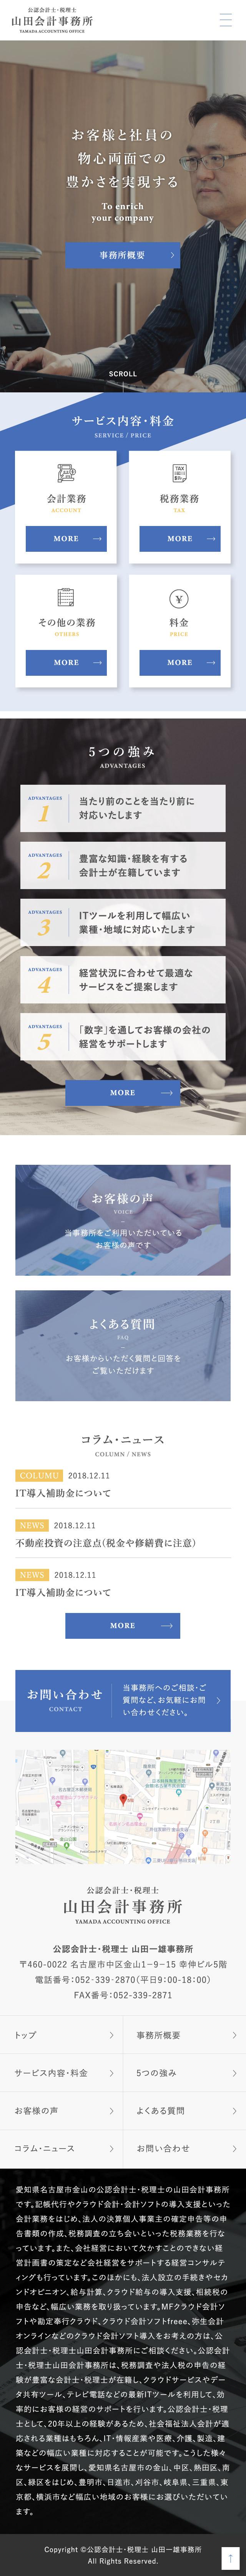 山田会計事務所 様